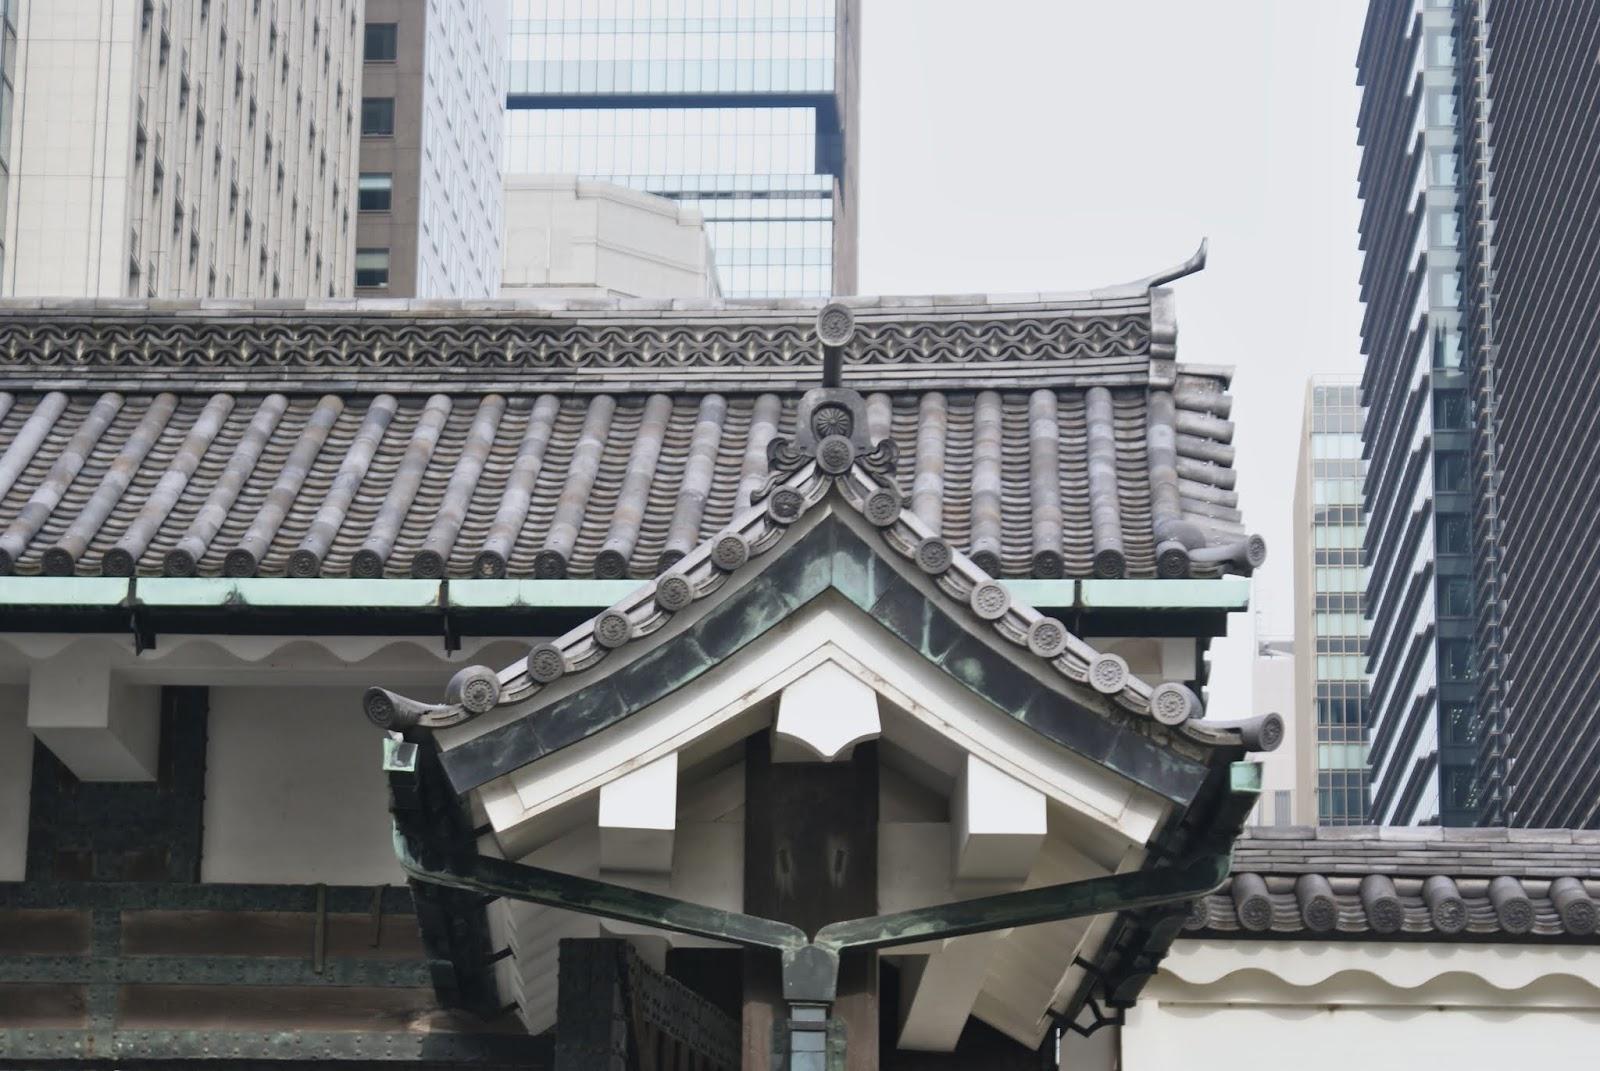 tokyo marunouchi imperial palace Kōkyo contrast